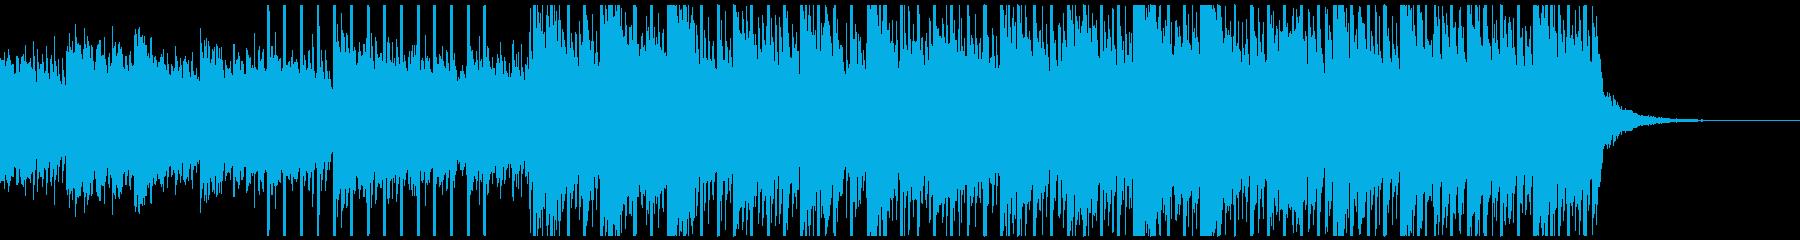 印象的なピアノ/企業VP系05bの再生済みの波形